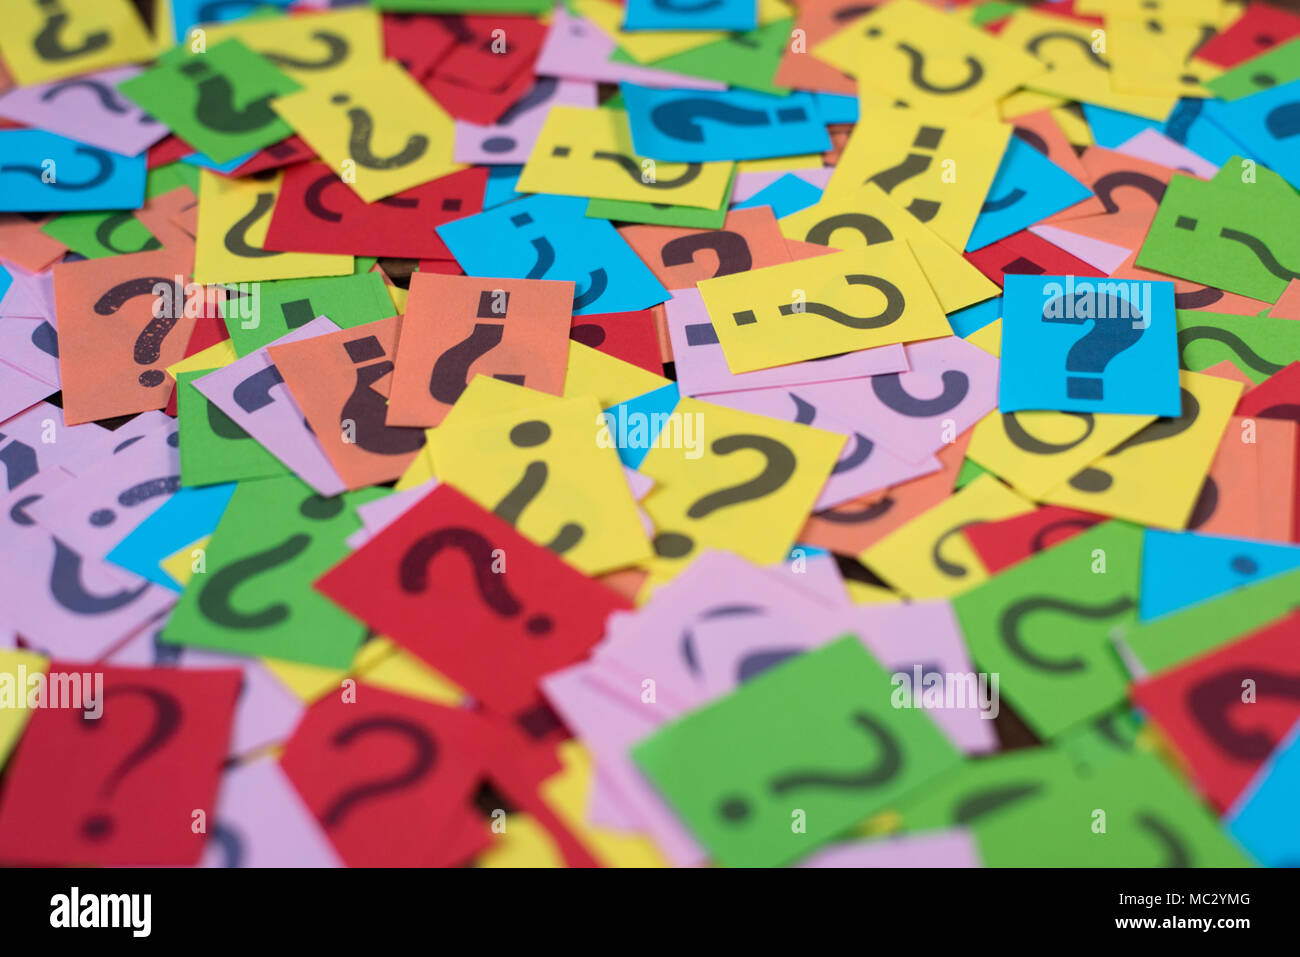 Colorido papel con signo de interrogación como fondo. misterio,la diversidad,preguntas concepto Imagen De Stock